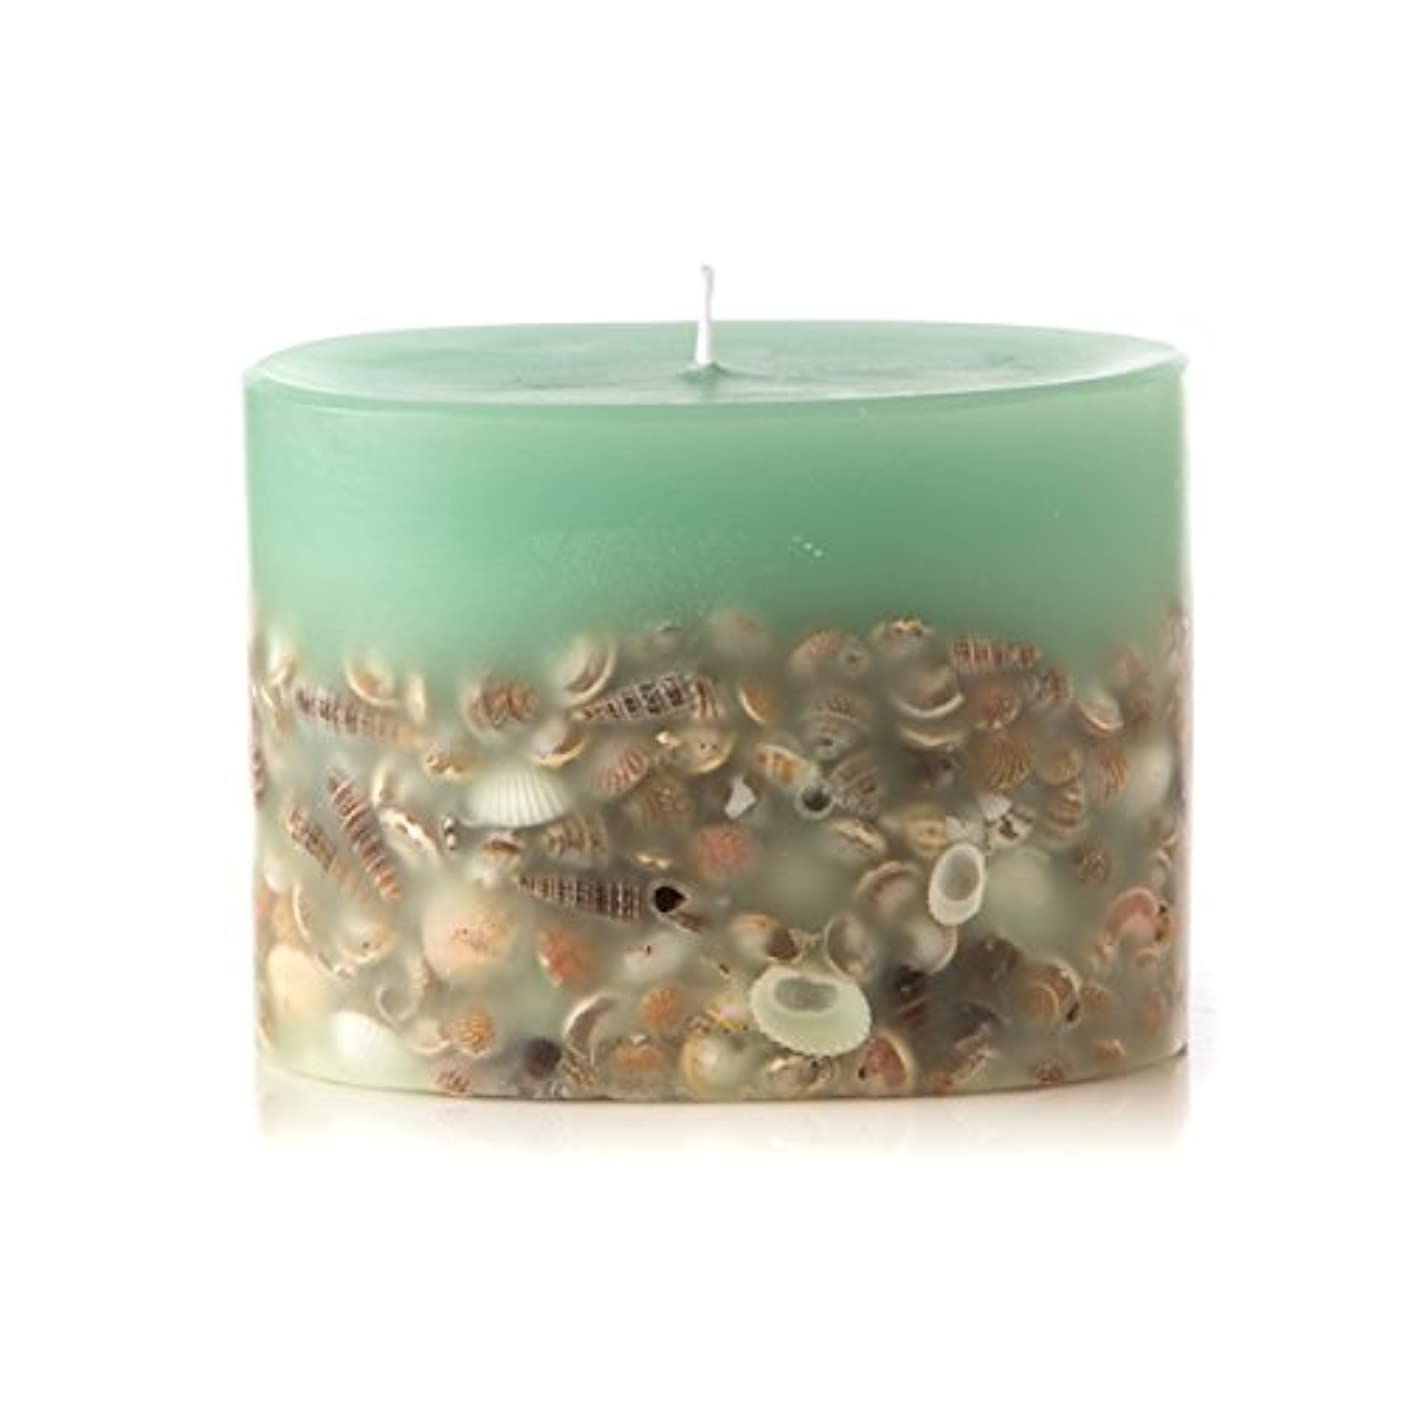 インシデント主婦哺乳類ロージーリングス プティボタニカルキャンドル シーグラス ROSY RINGS Petite Oval Botanical Candle Sea Glass